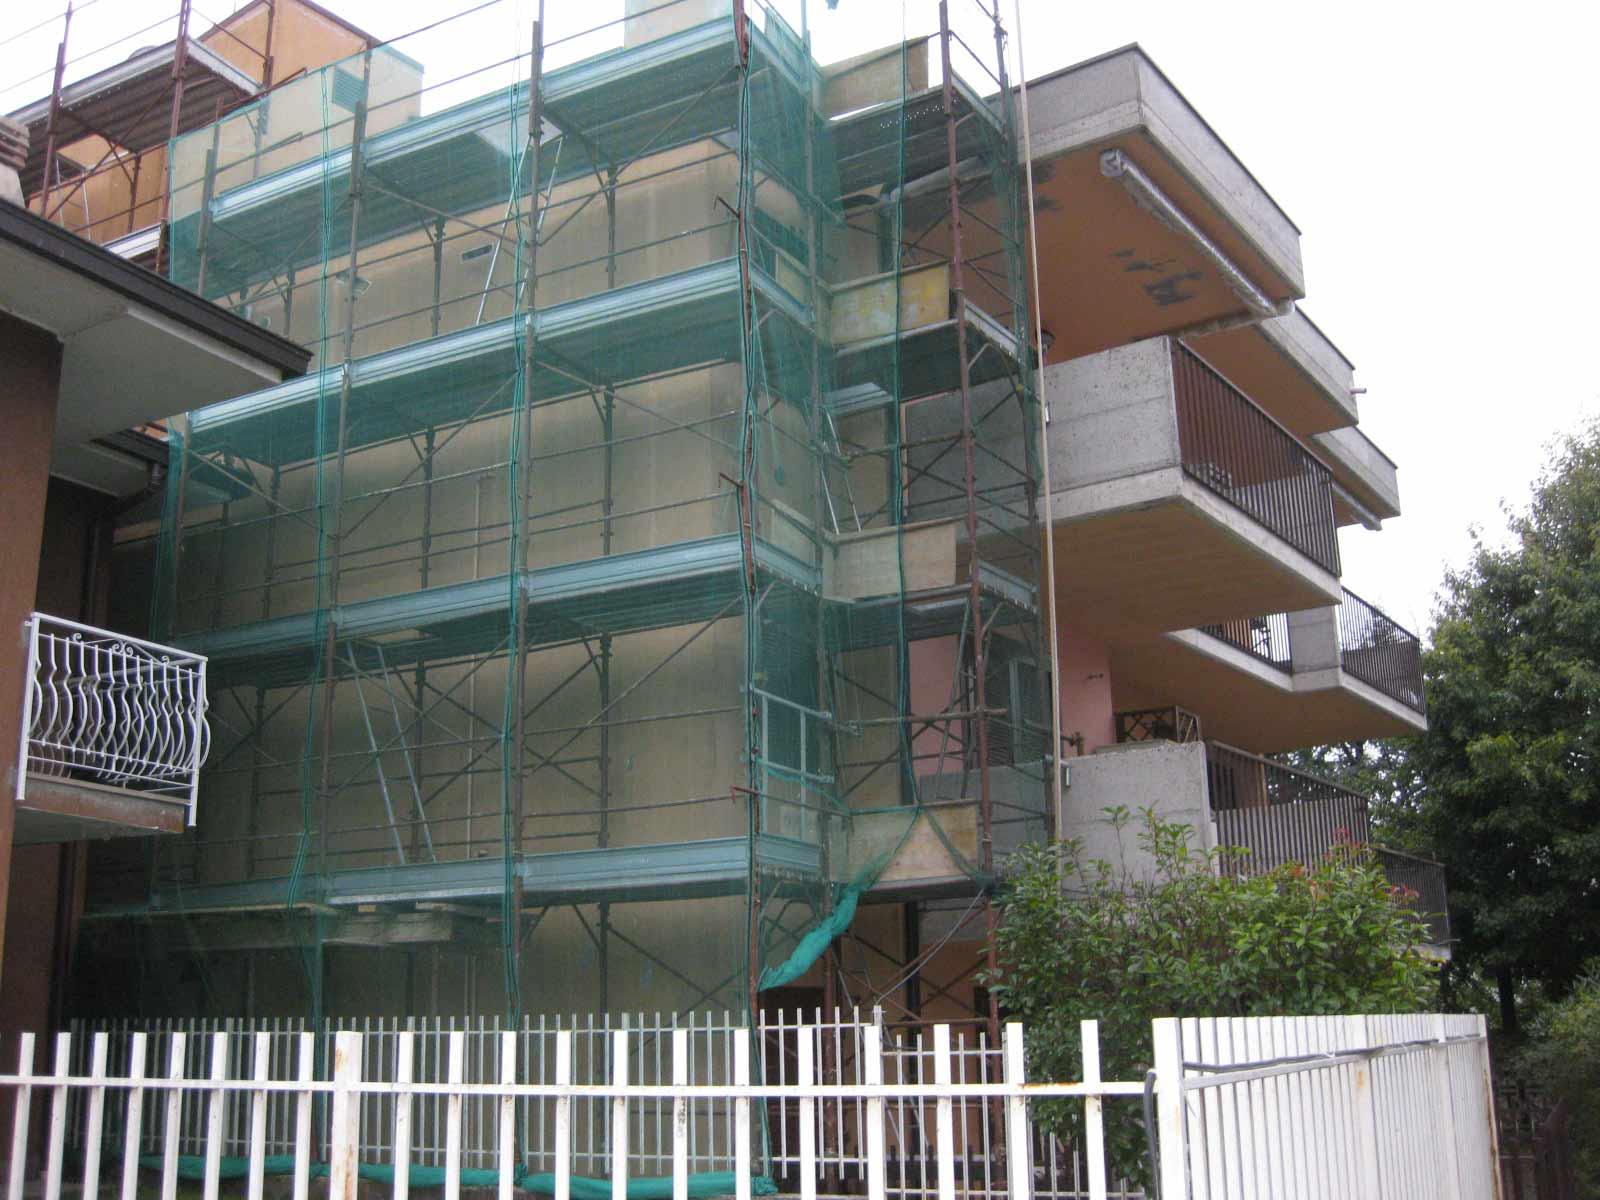 Rifacimento facciate e balconi fabbricato condominiale